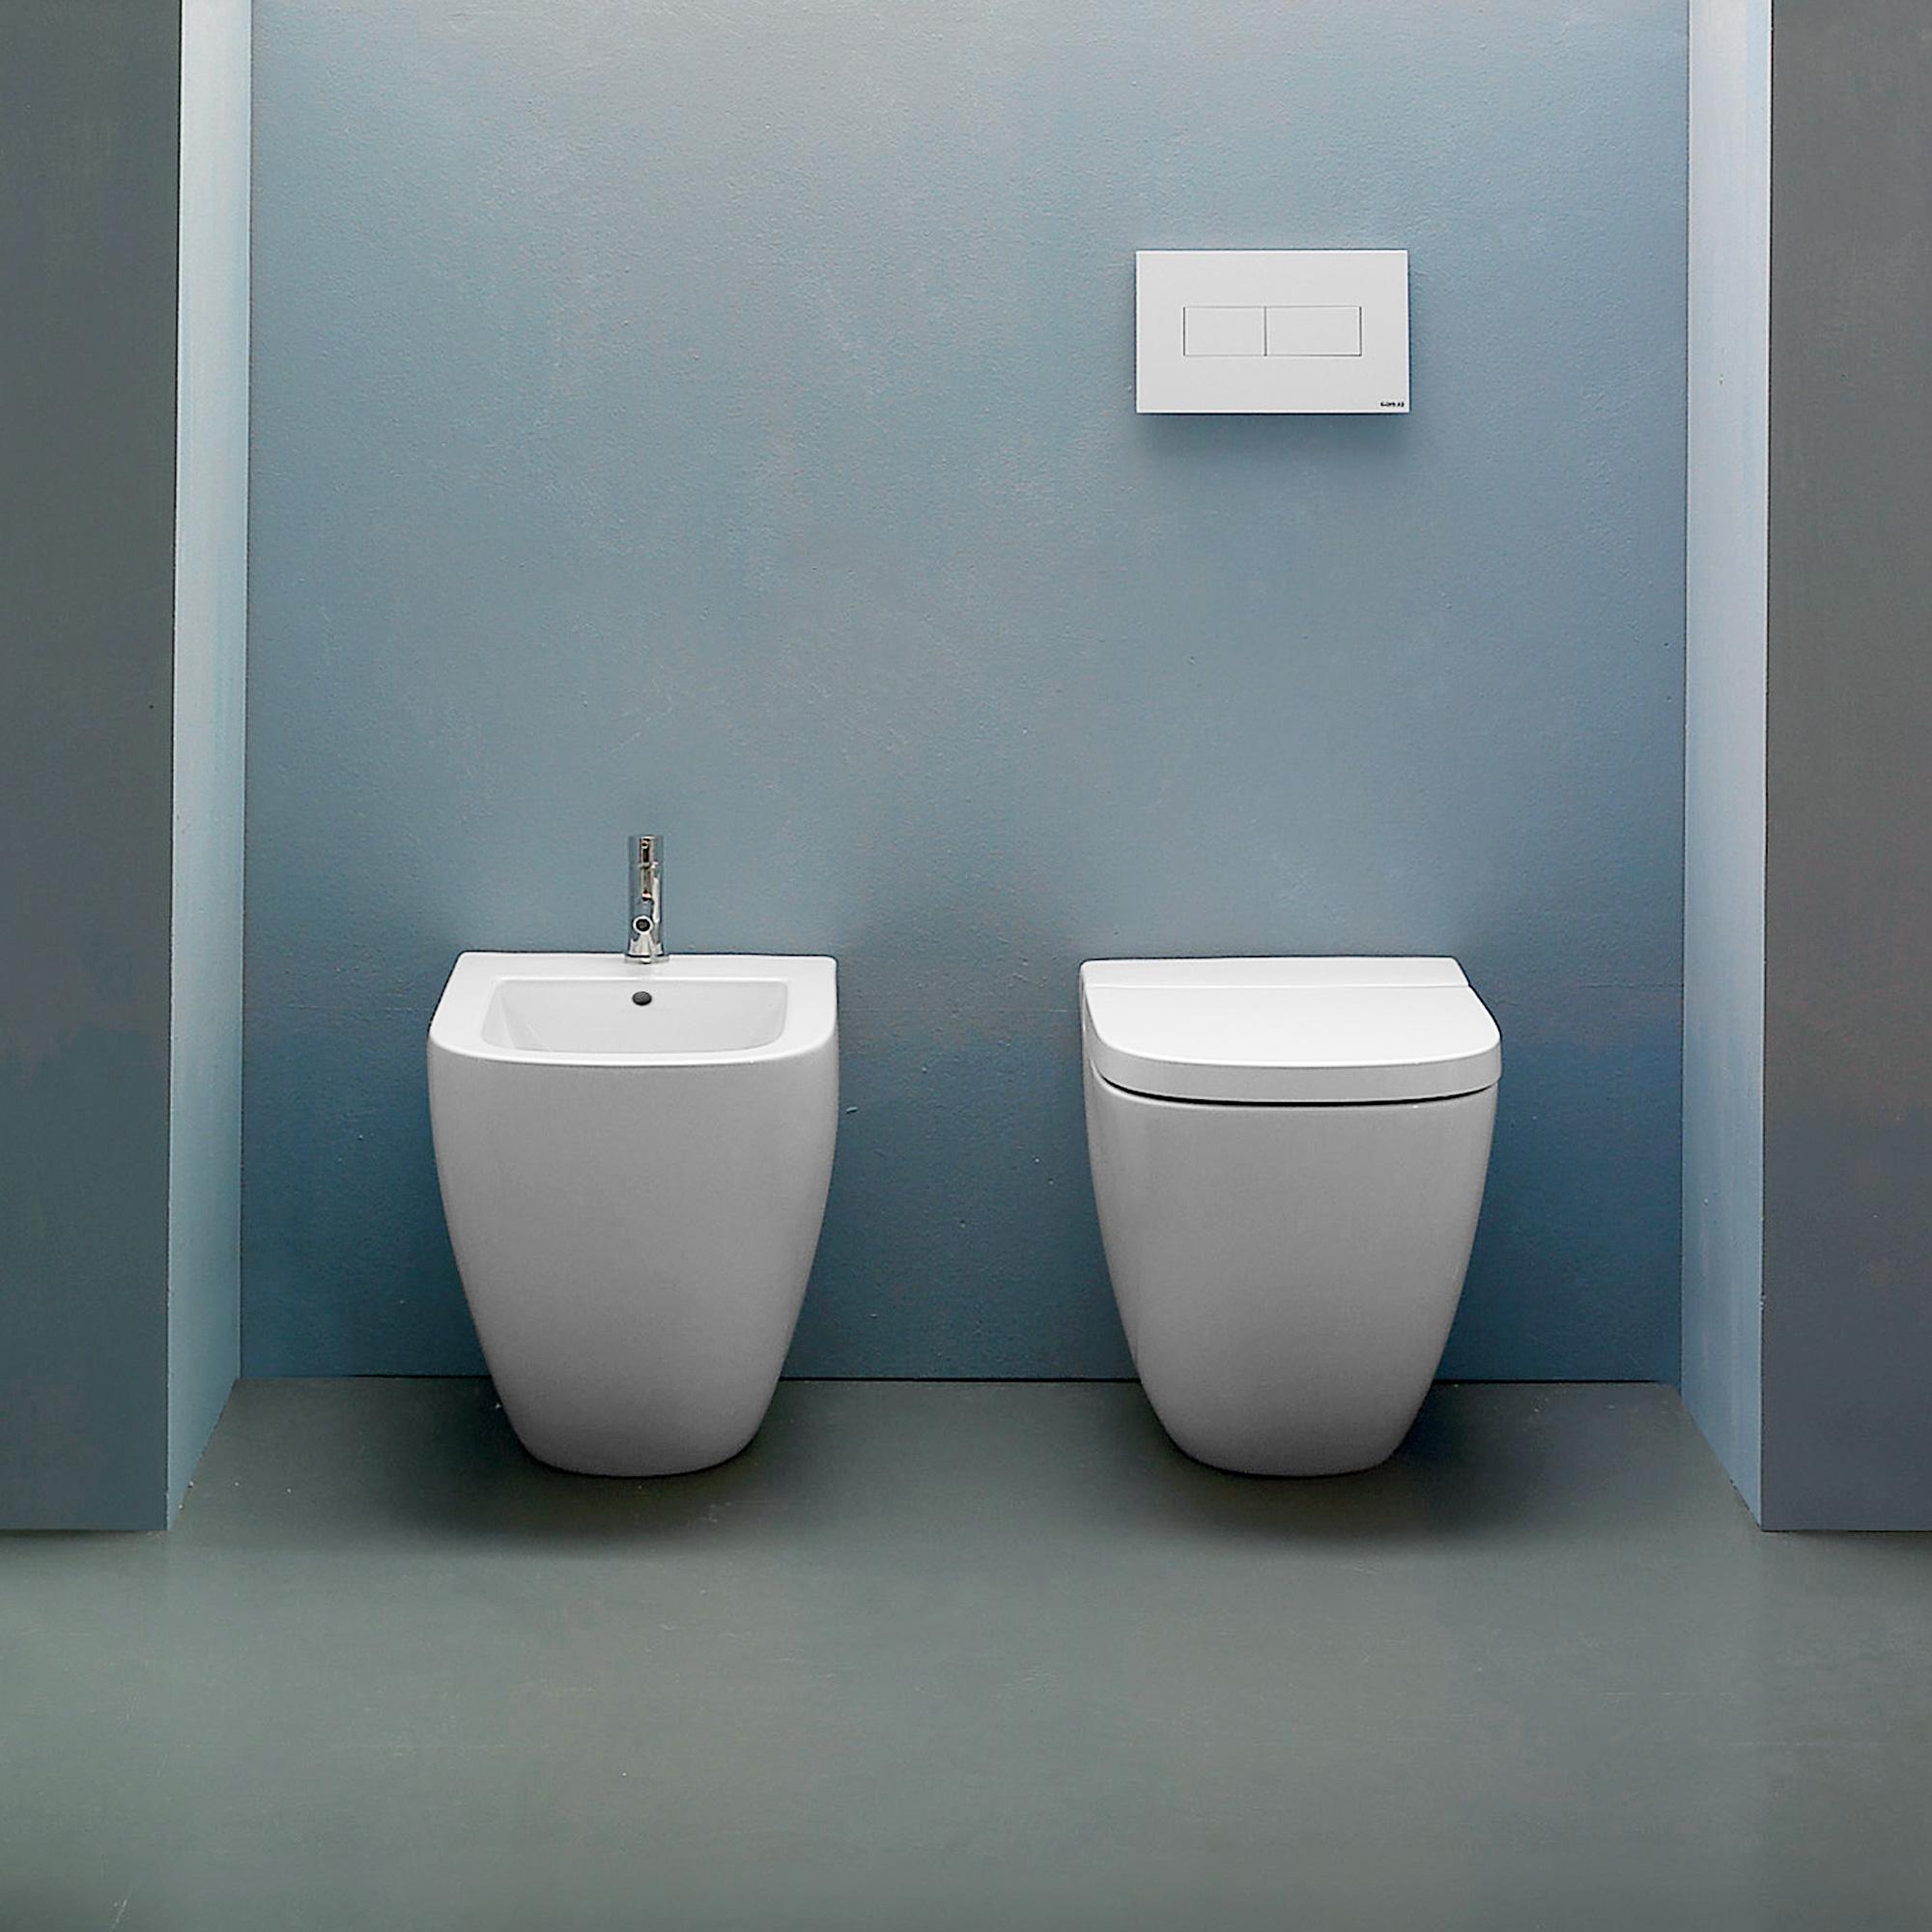 globo stockholm stand tiefsp l wc l 58 b 37 cm wei. Black Bedroom Furniture Sets. Home Design Ideas